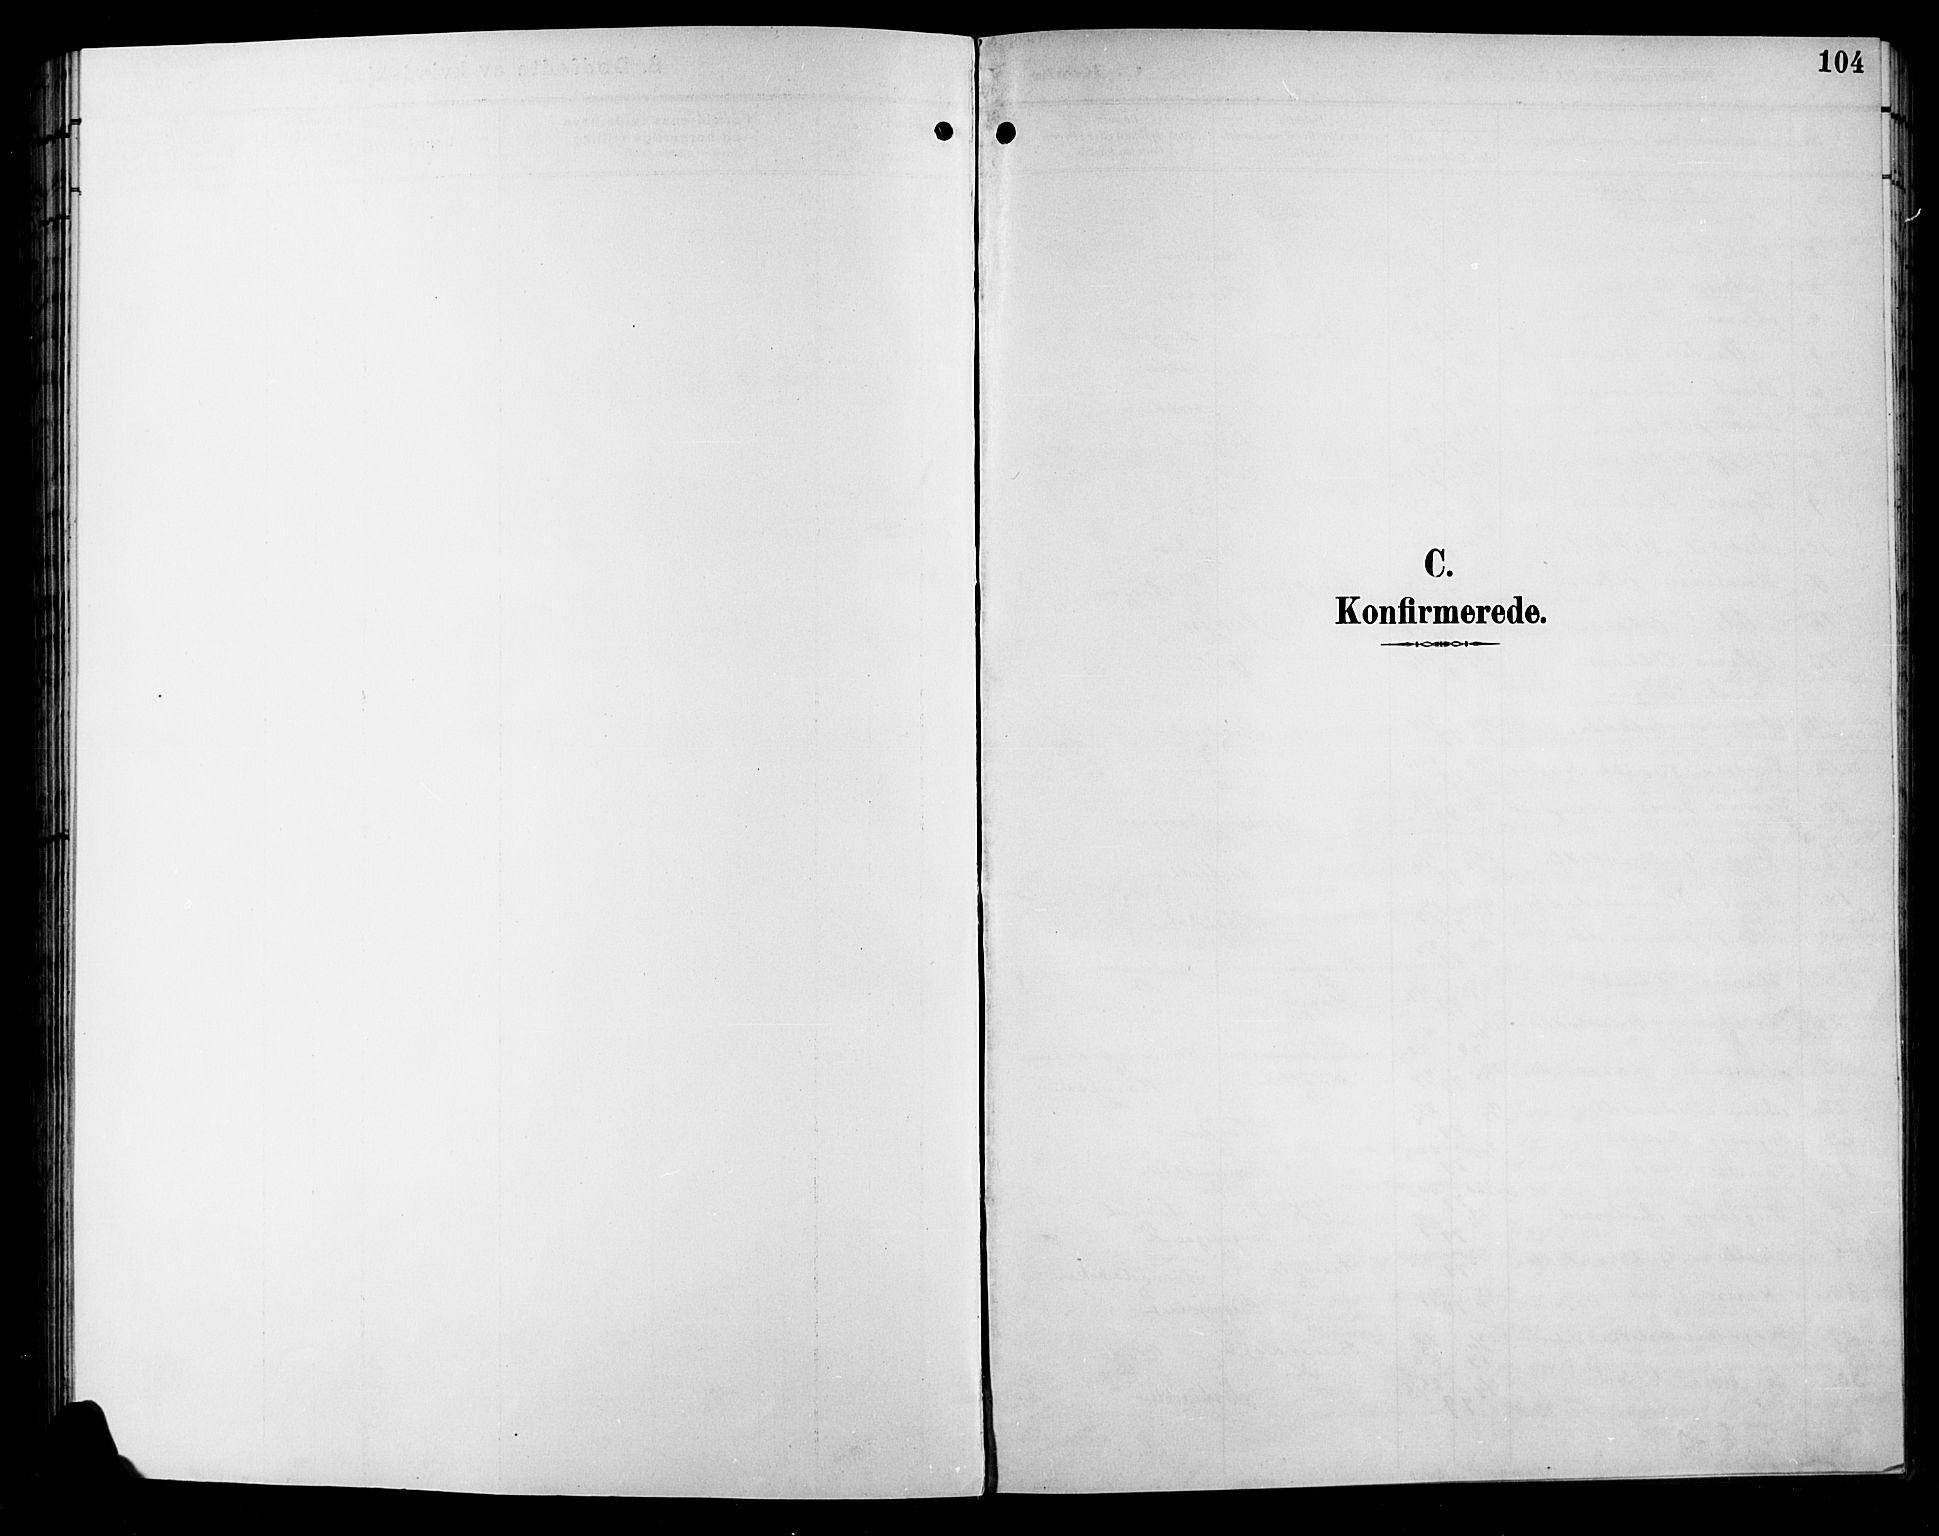 SAH, Sør-Aurdal prestekontor, Klokkerbok nr. 9, 1894-1924, s. 104